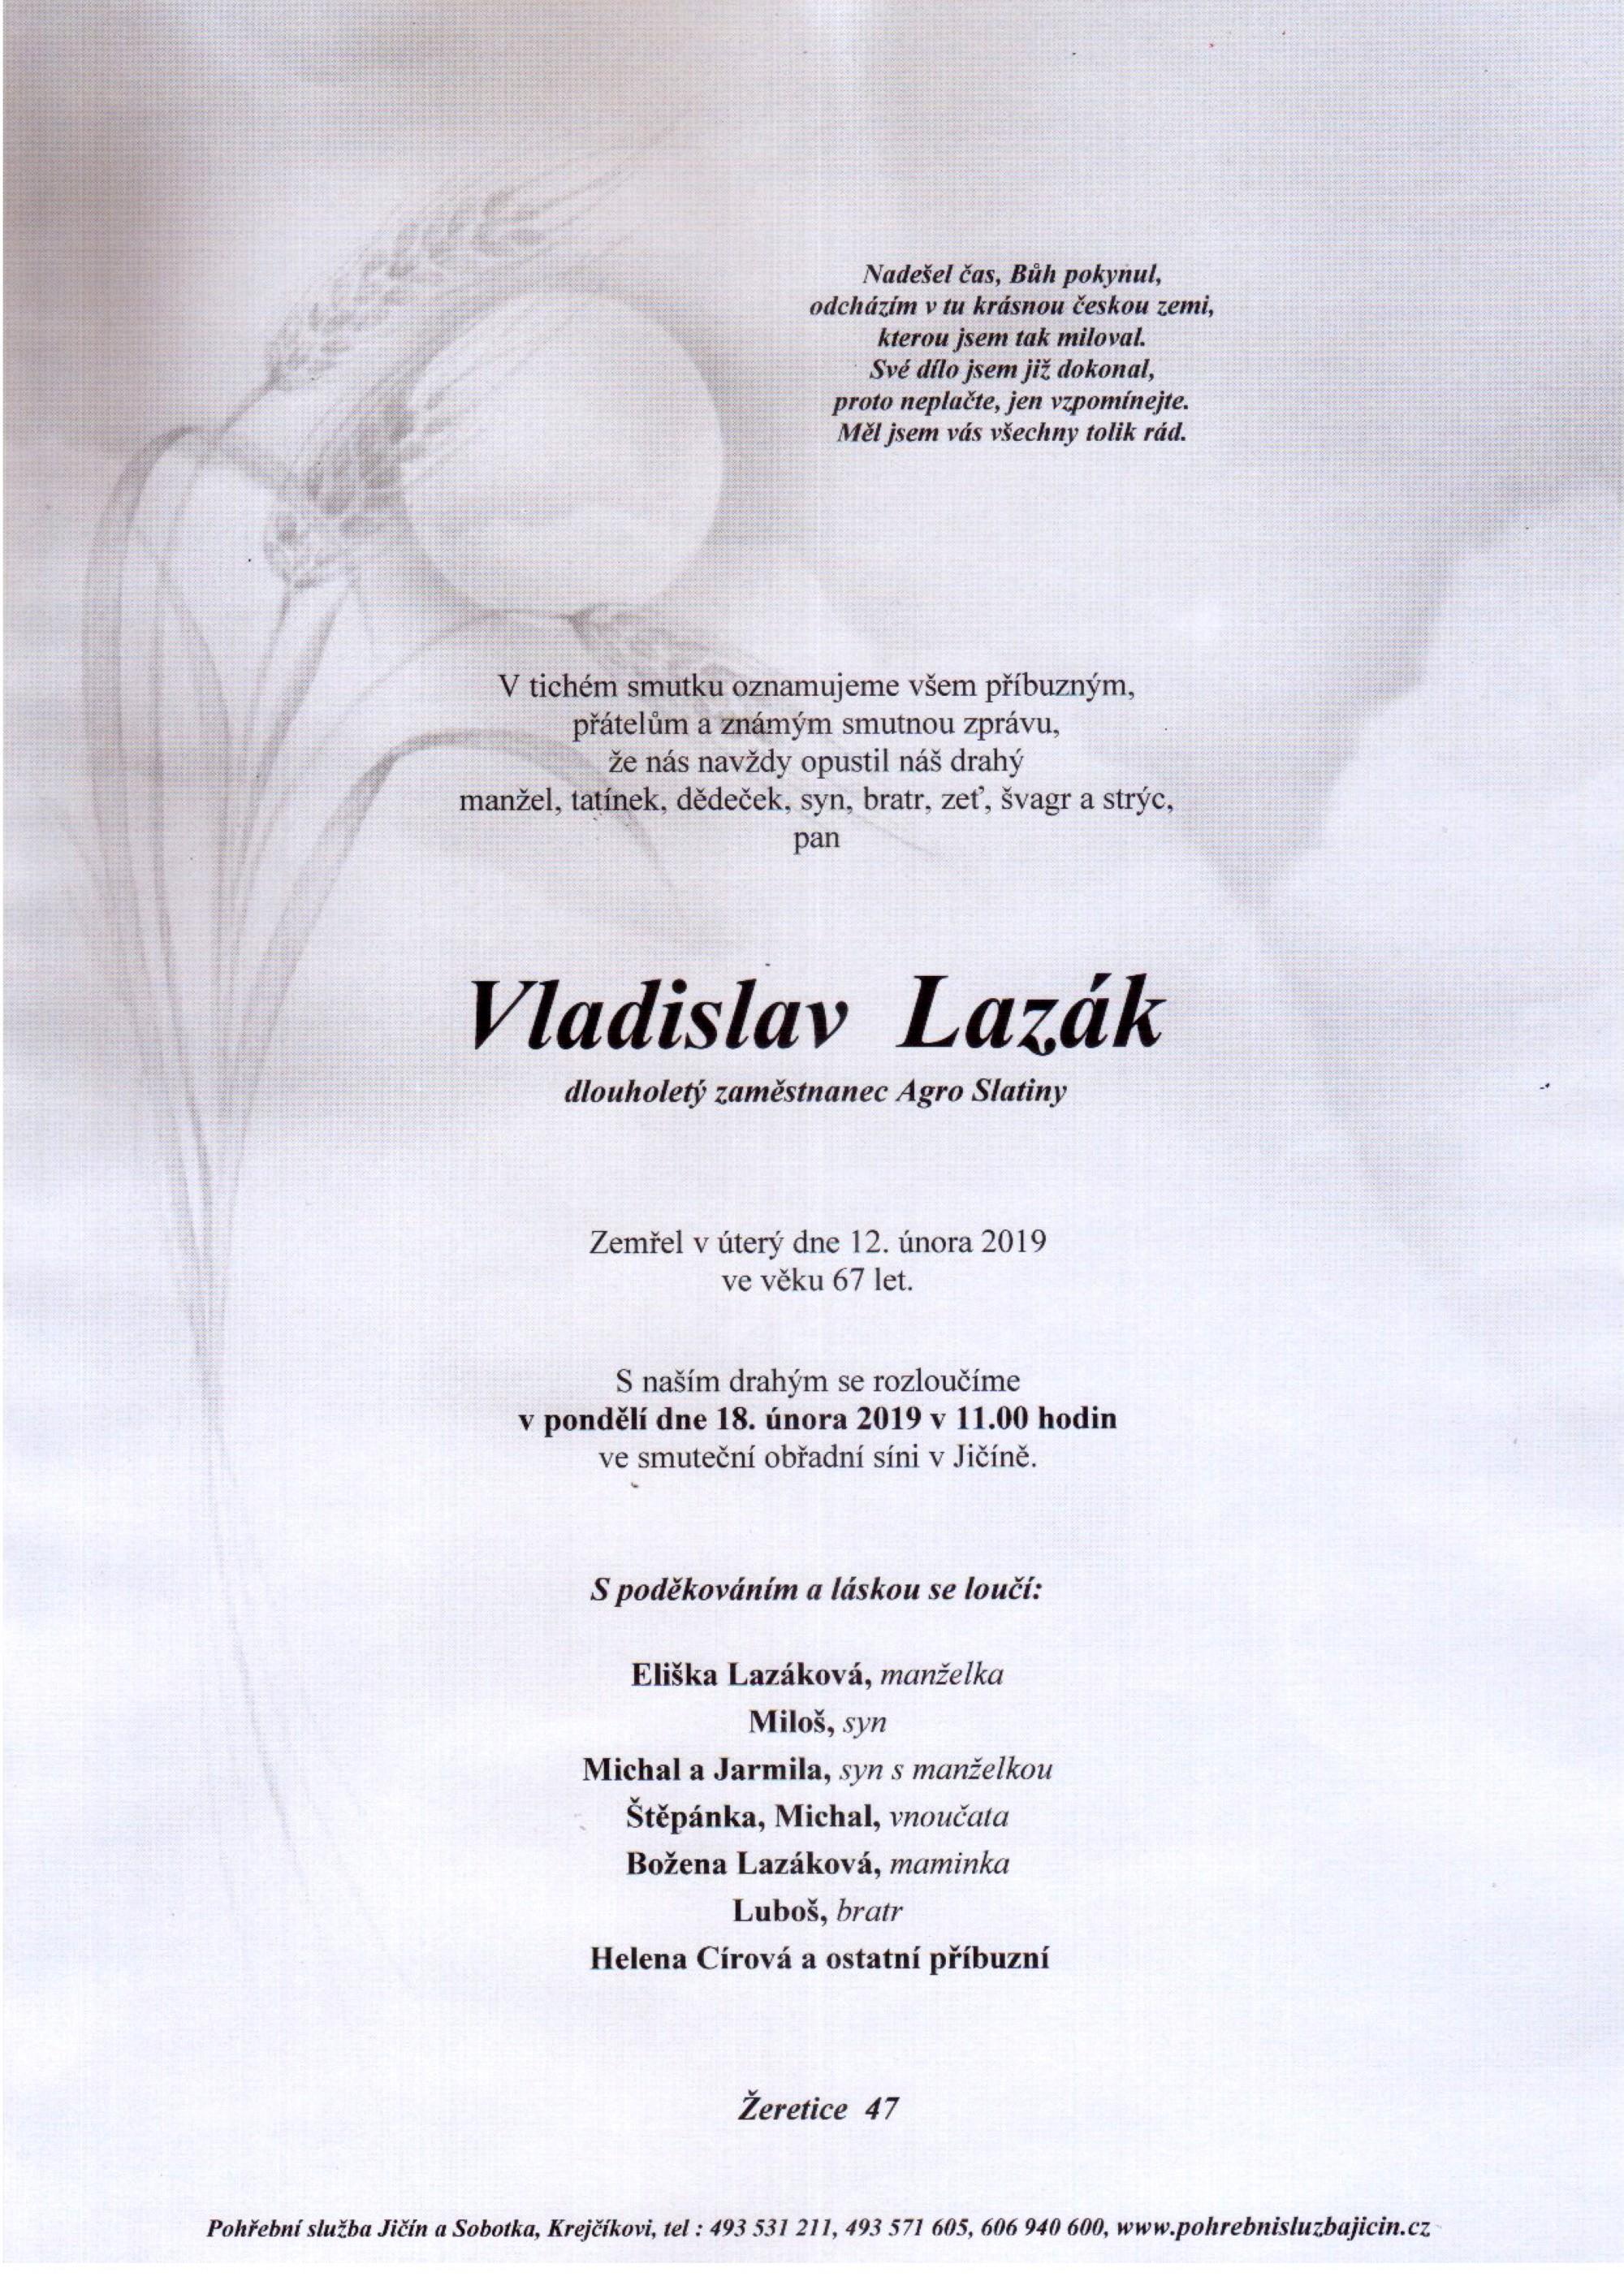 Vladislav Lazák